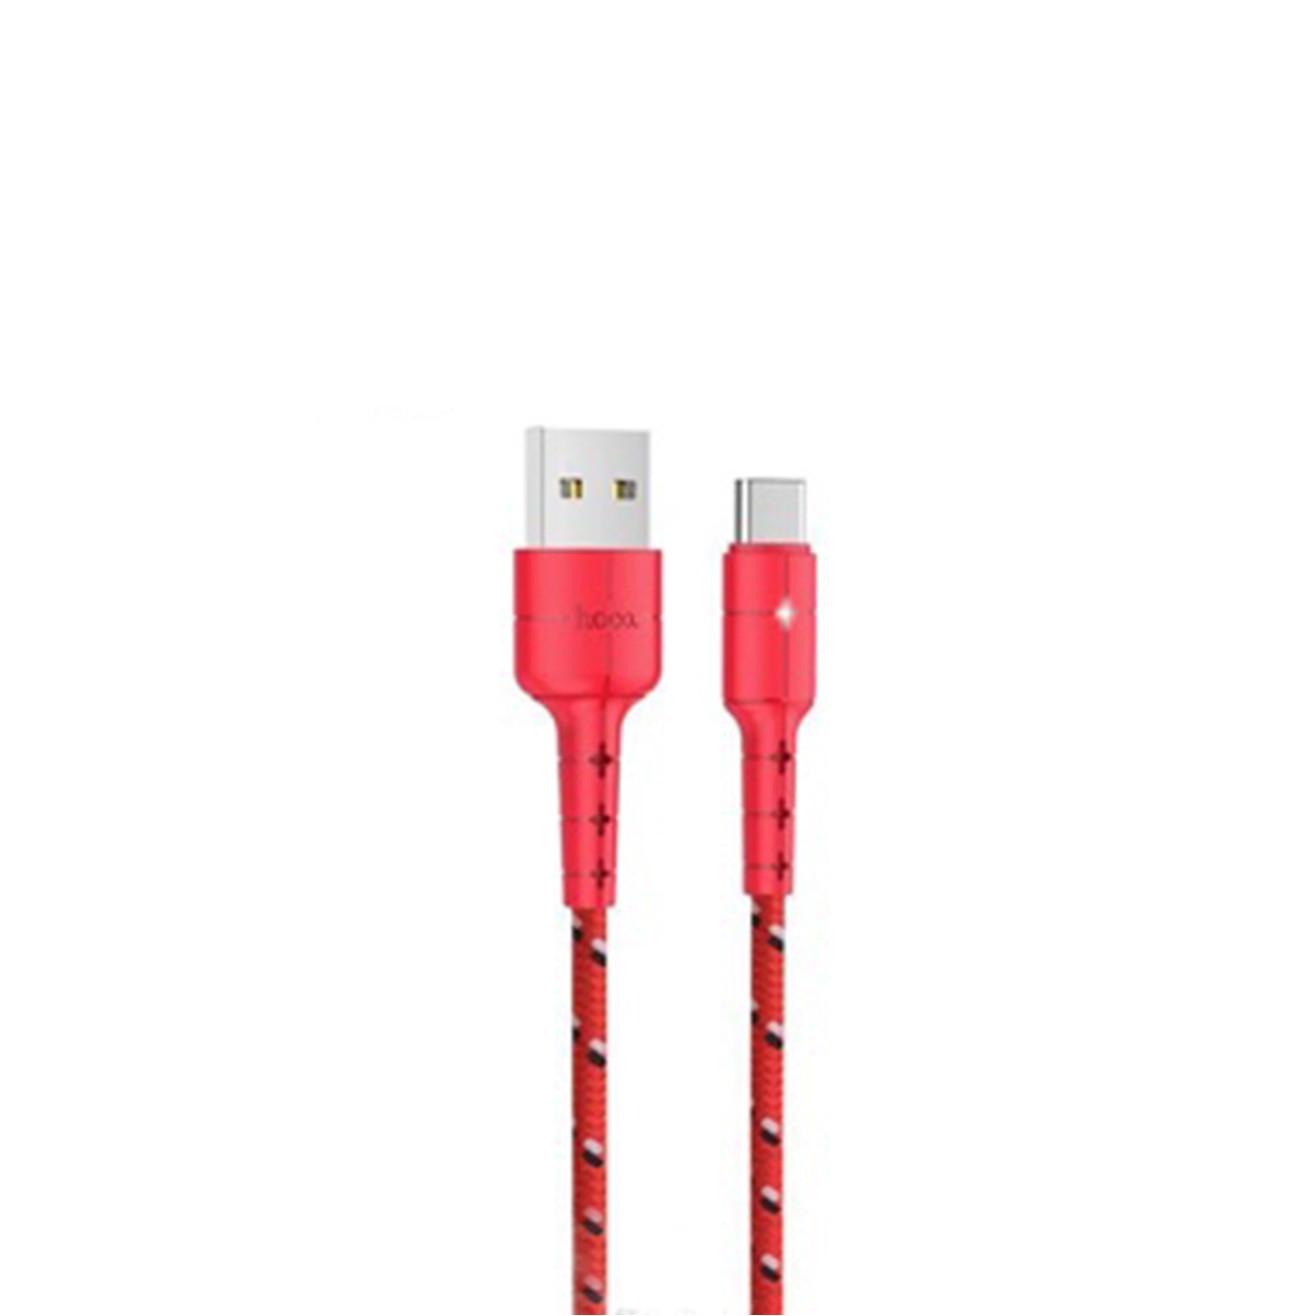 Cáp sạc Hoco X14 Pro (Type C) cáp sạc bọc dù siêu bền, hỗ trợ sạc nhanh 3A Max, tự ngắt khi pin đầy, LED báo sạc dành cho Samsung Galaxy Note 9/Note10/S9/S10/S10 Plus  - Hàng chính hãng